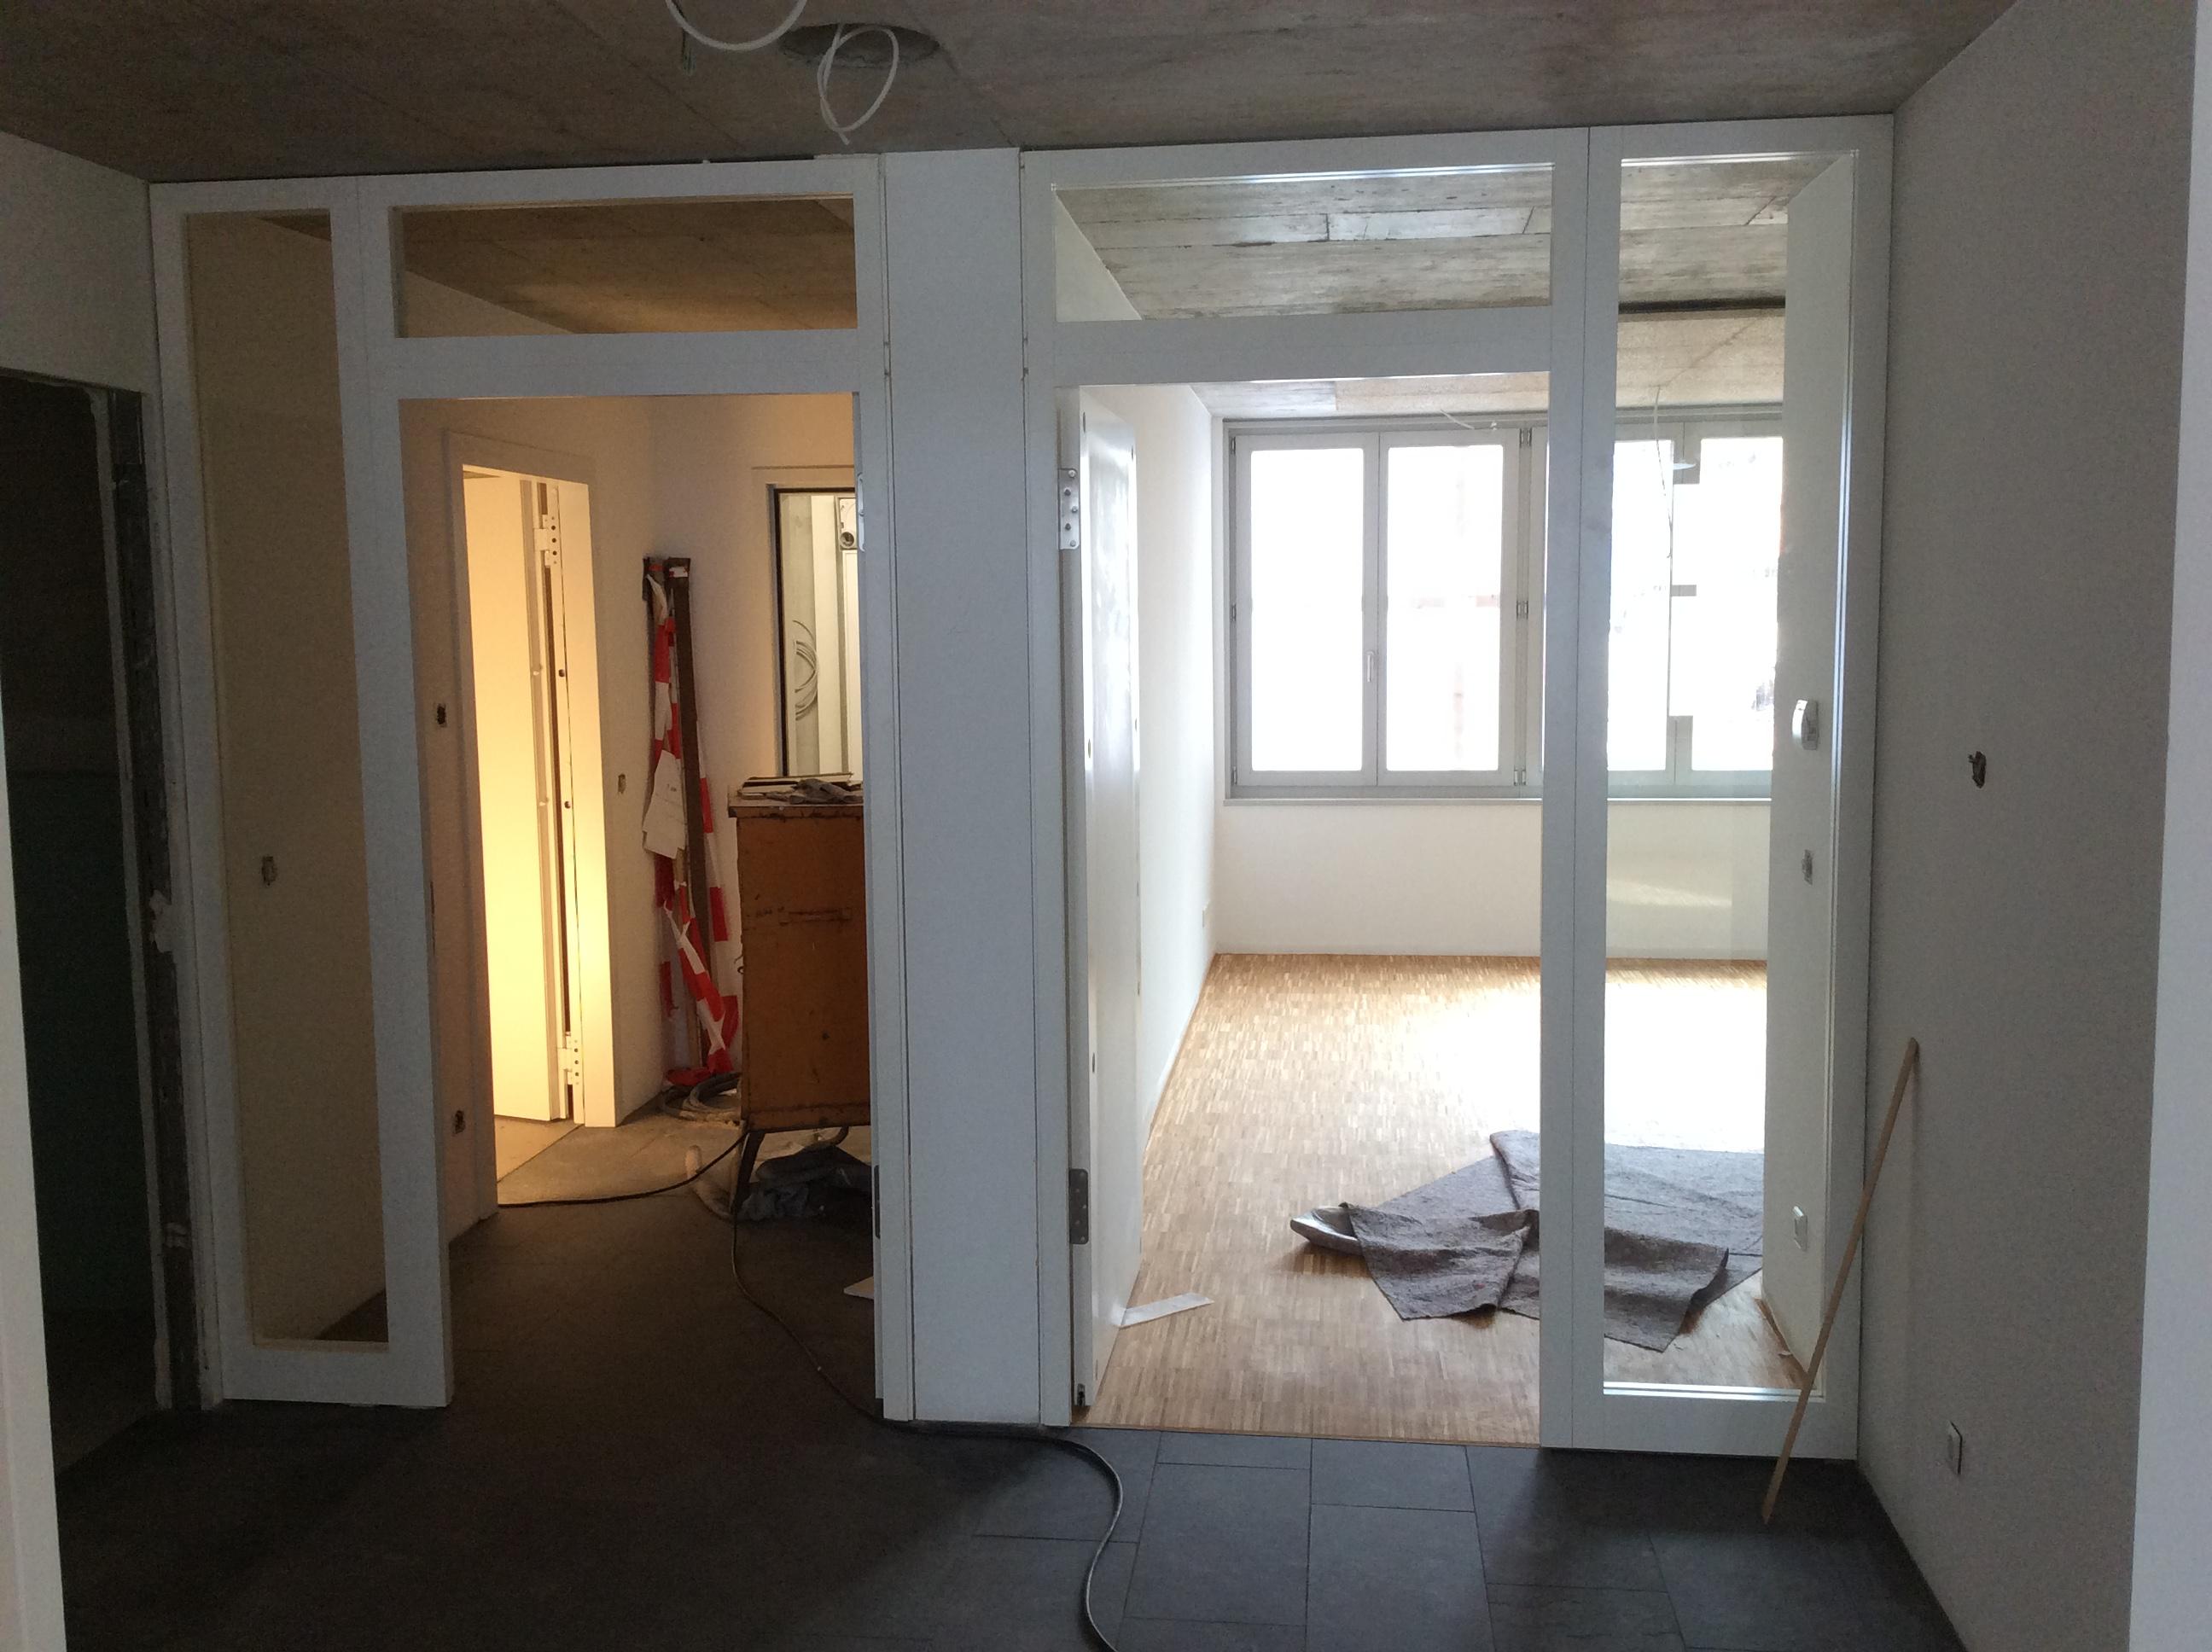 Türelemente  Innentüren / Schiebetüren - Andrejewski Möbel und Innenausbau